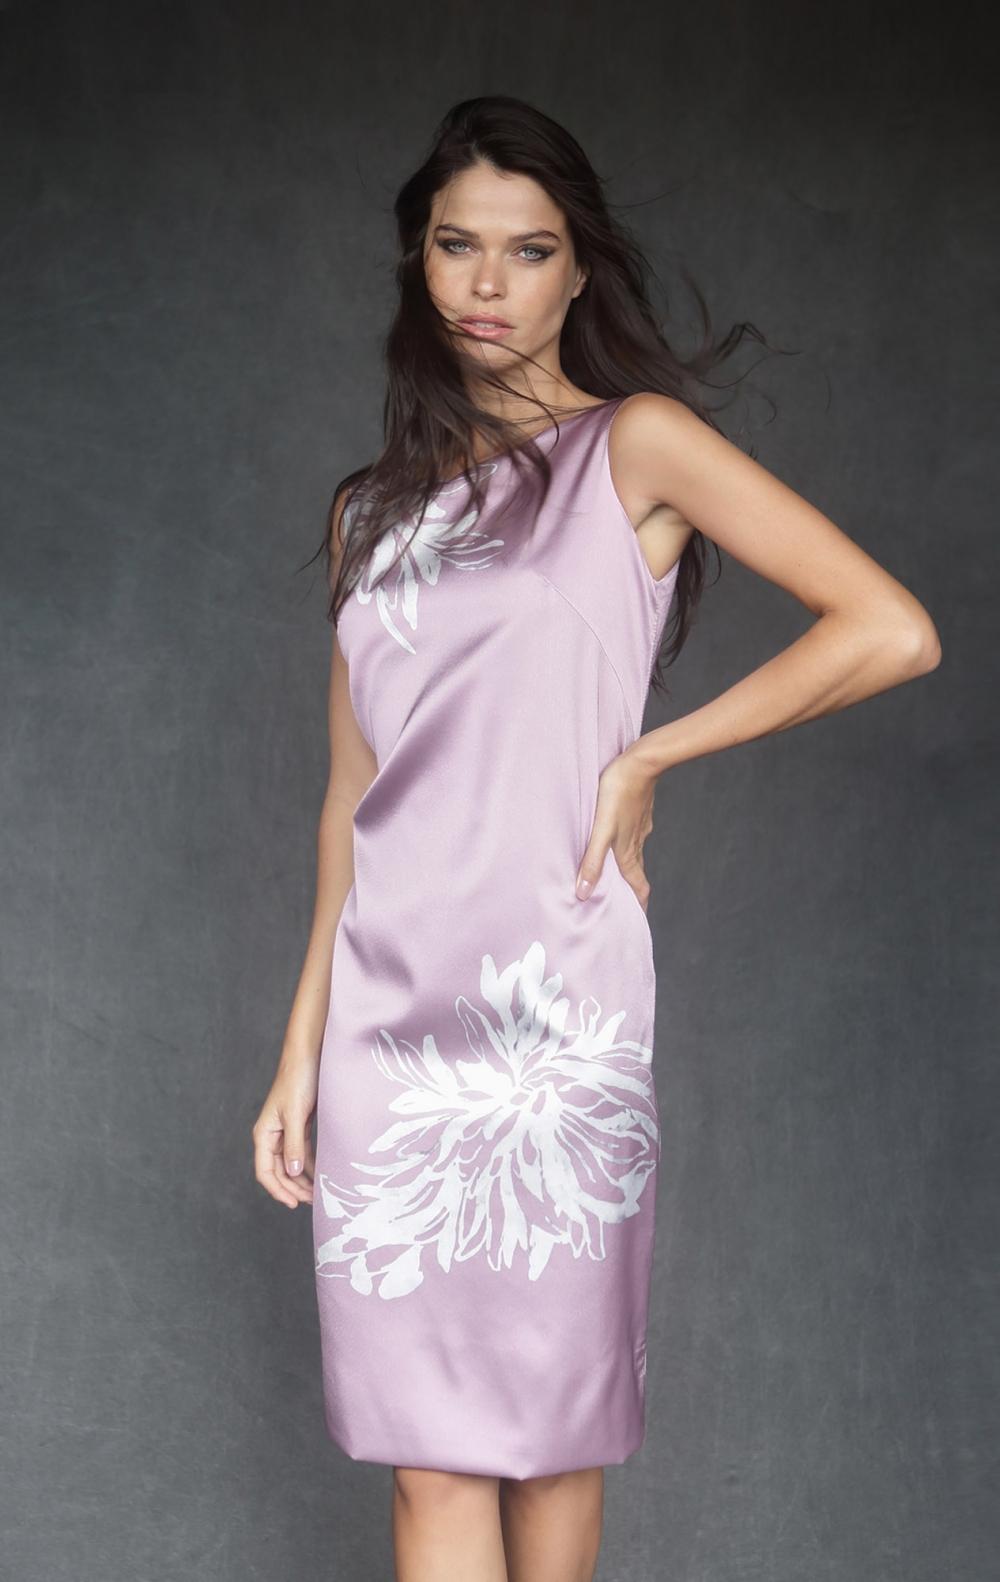 Vestido Condotti Rosa - Foto 1